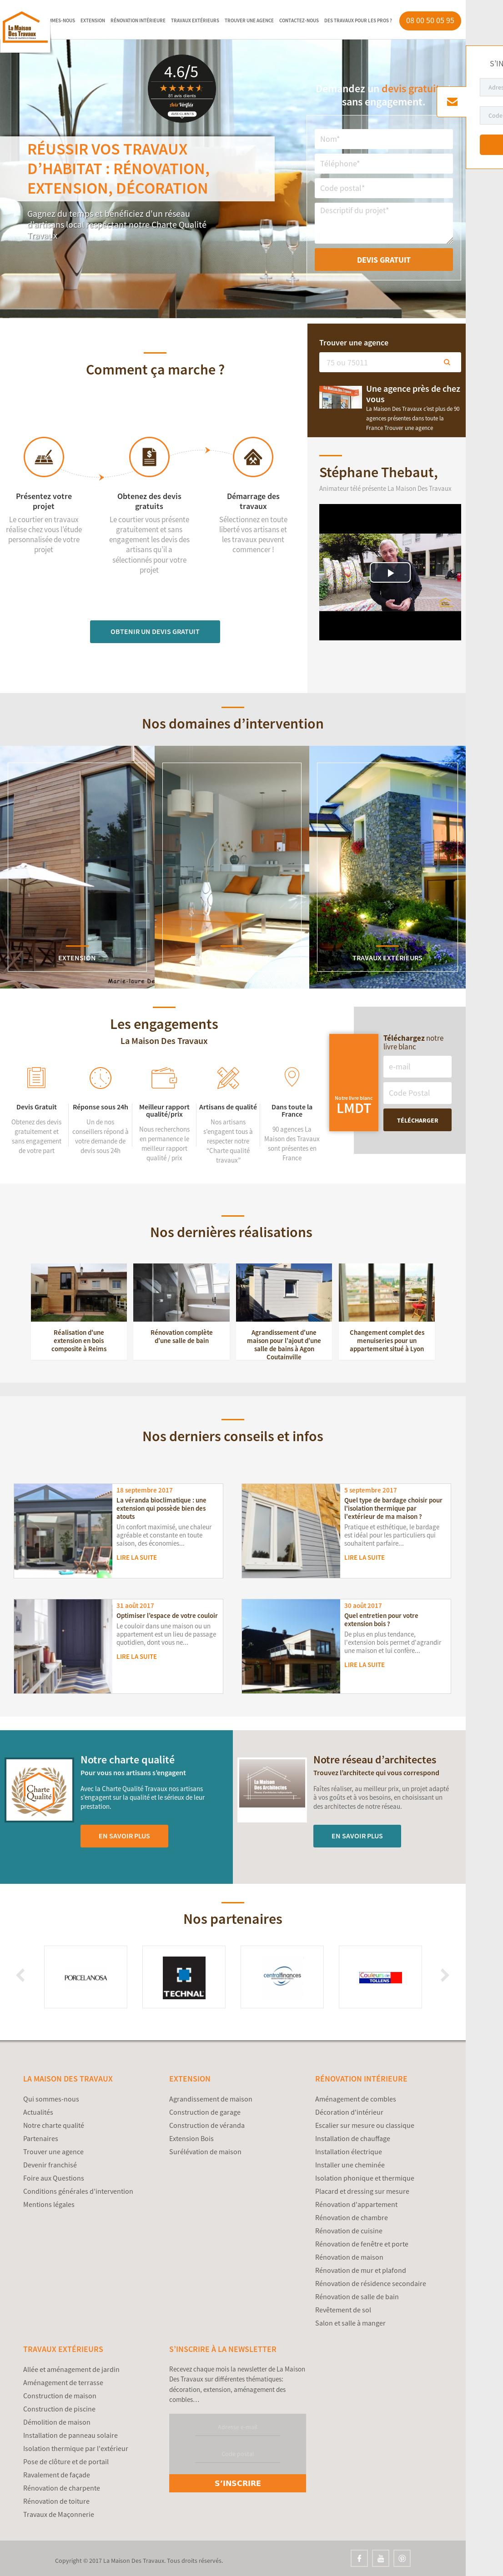 Maison Des Travaux Avis lamaisondestravaux competitors, revenue and employees